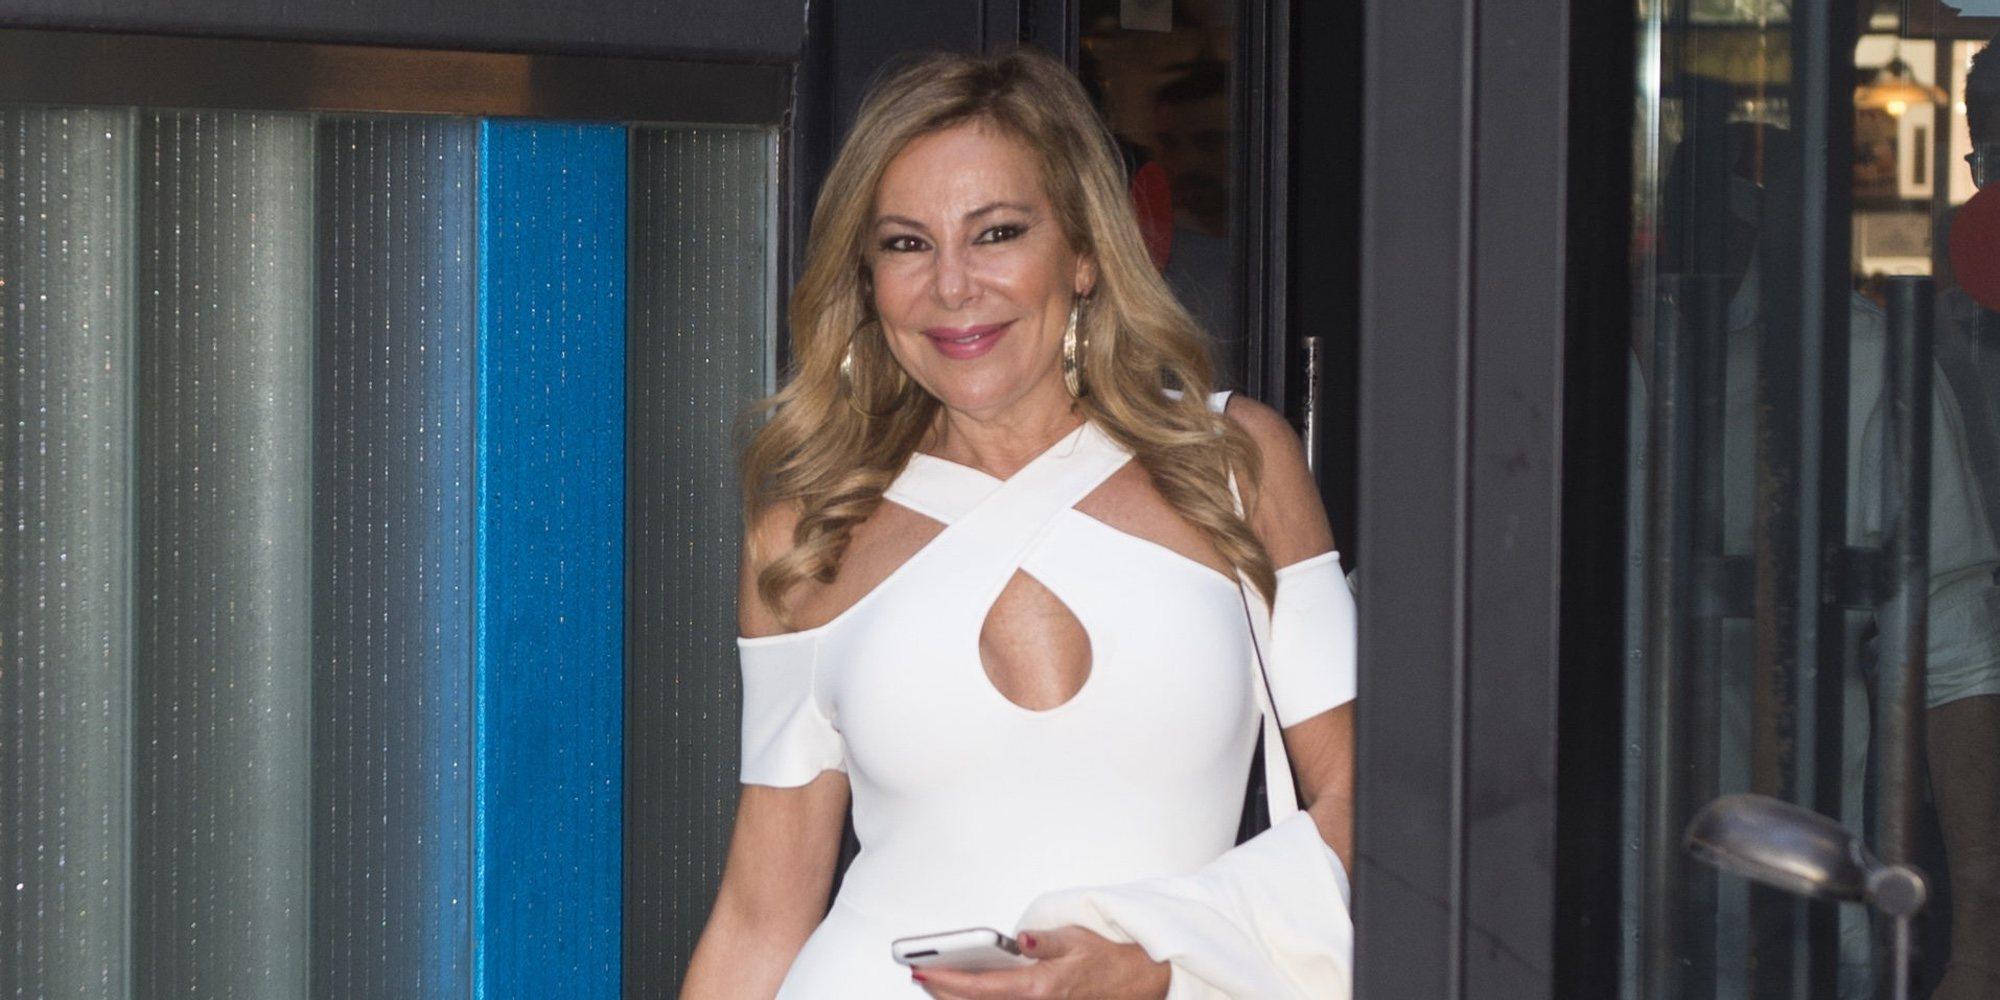 Ana Obregrón hace oficial que estará en la segunda temporada de 'Paquita Salas' que se estrenará en Netflix